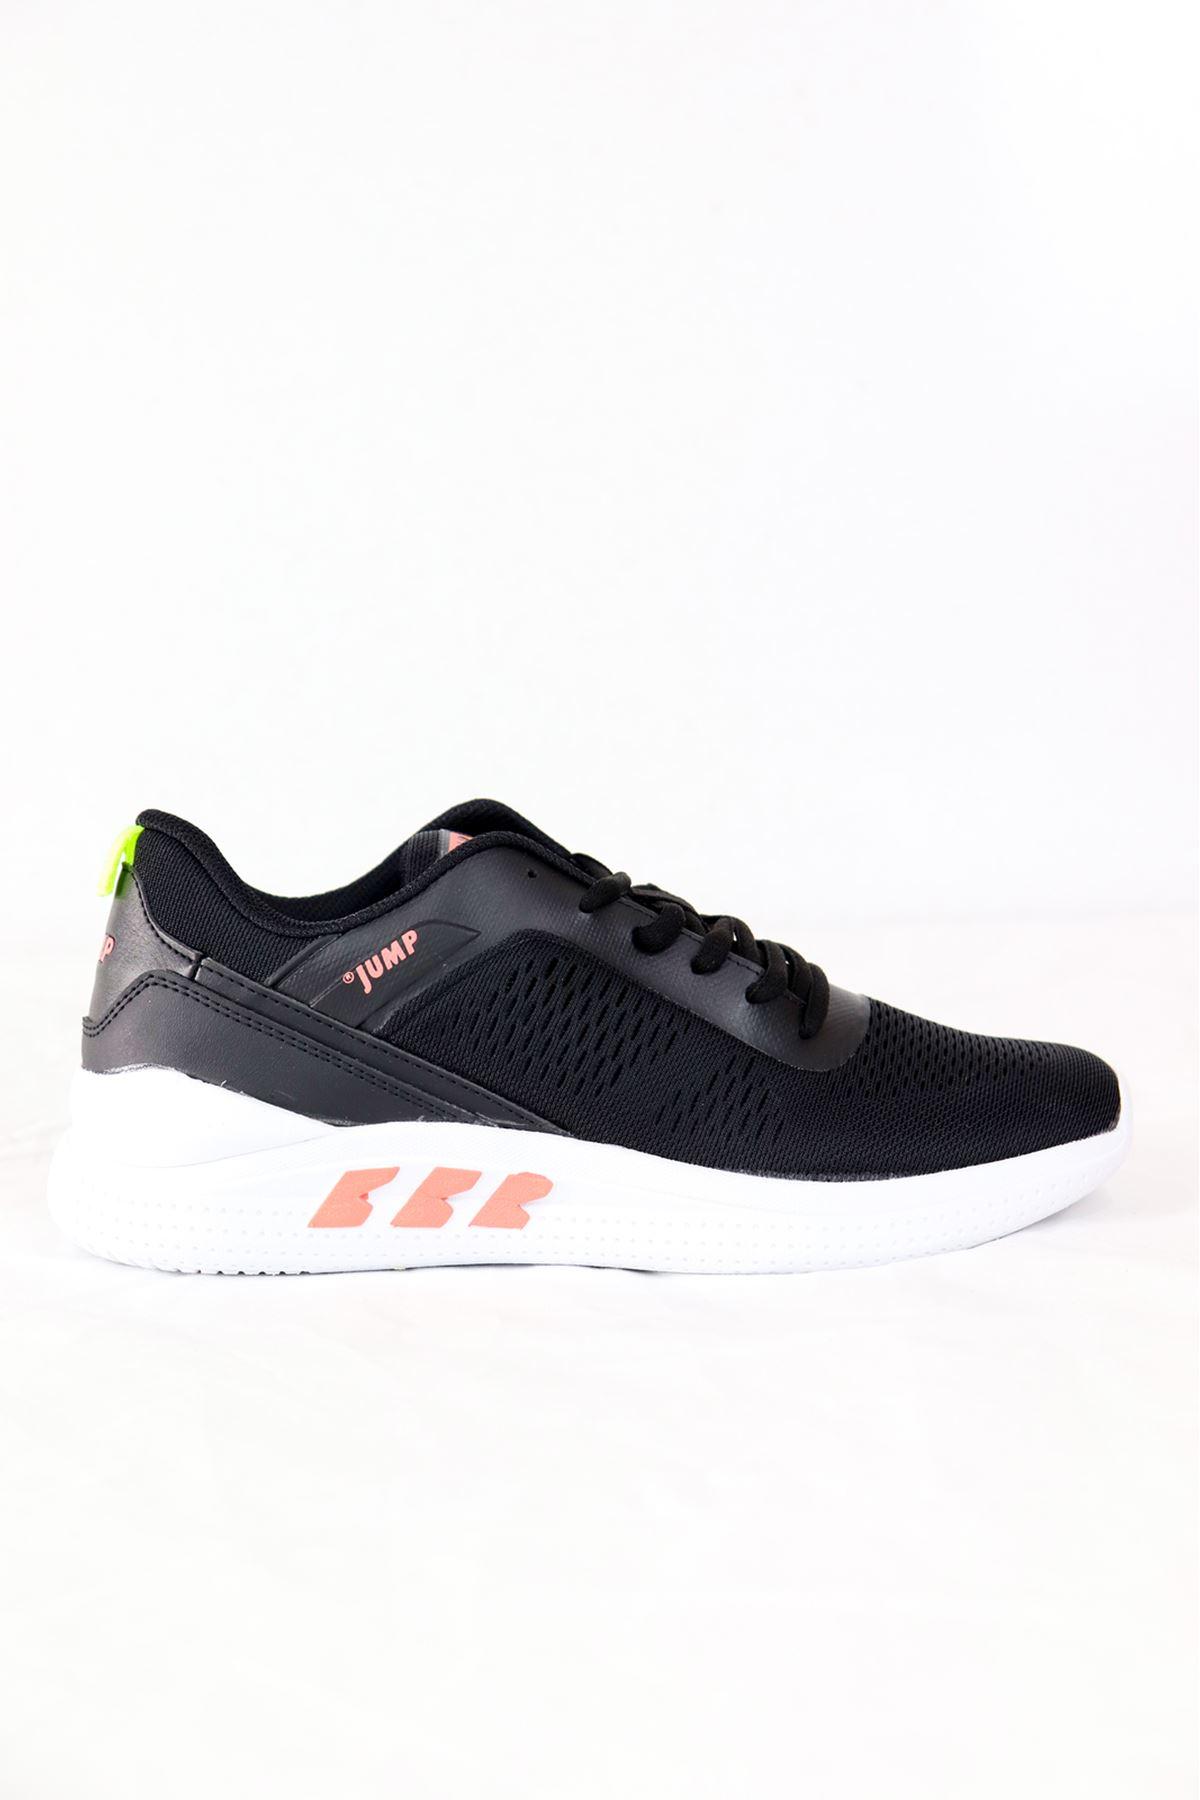 Jump - 26226 - Siyah Spor Kadın Ayakkabısı